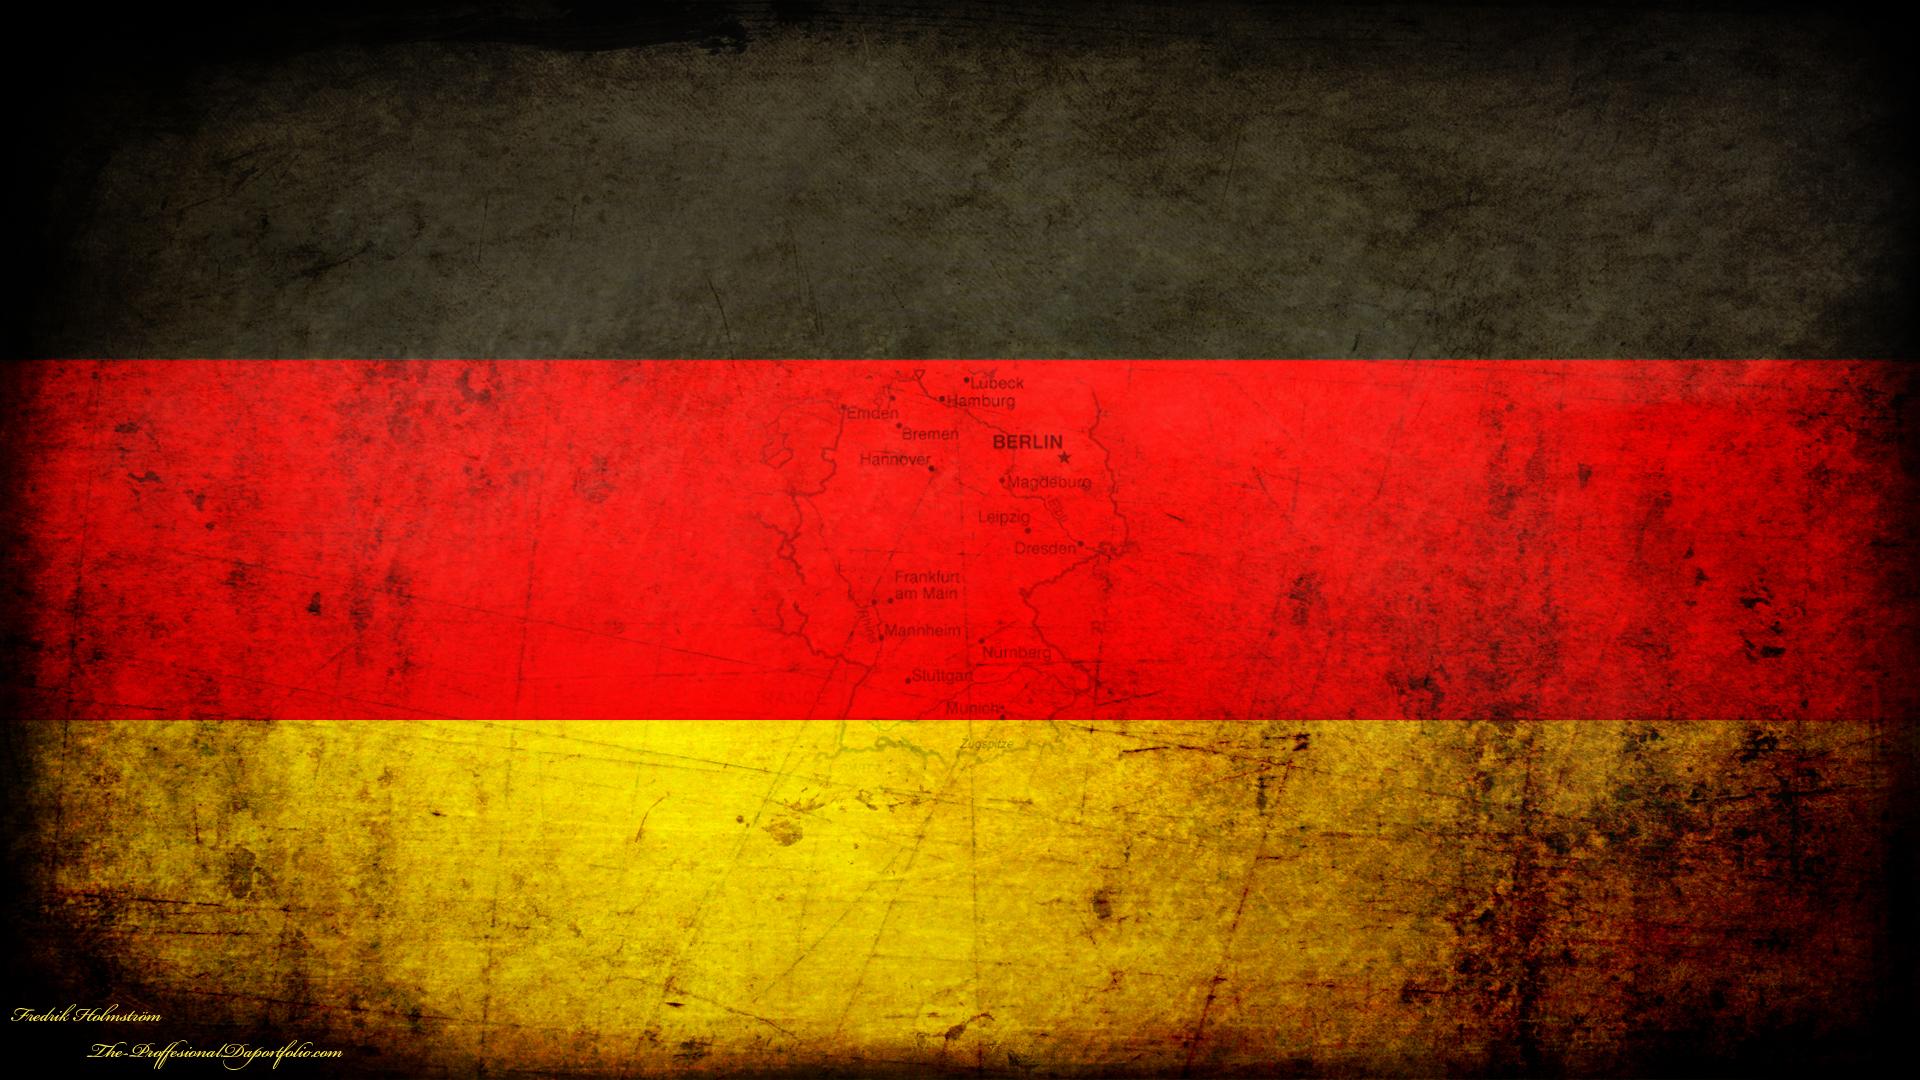 imagenes de banderas hd19 200 Imágenes de Banderas en HD (Wallpapers)